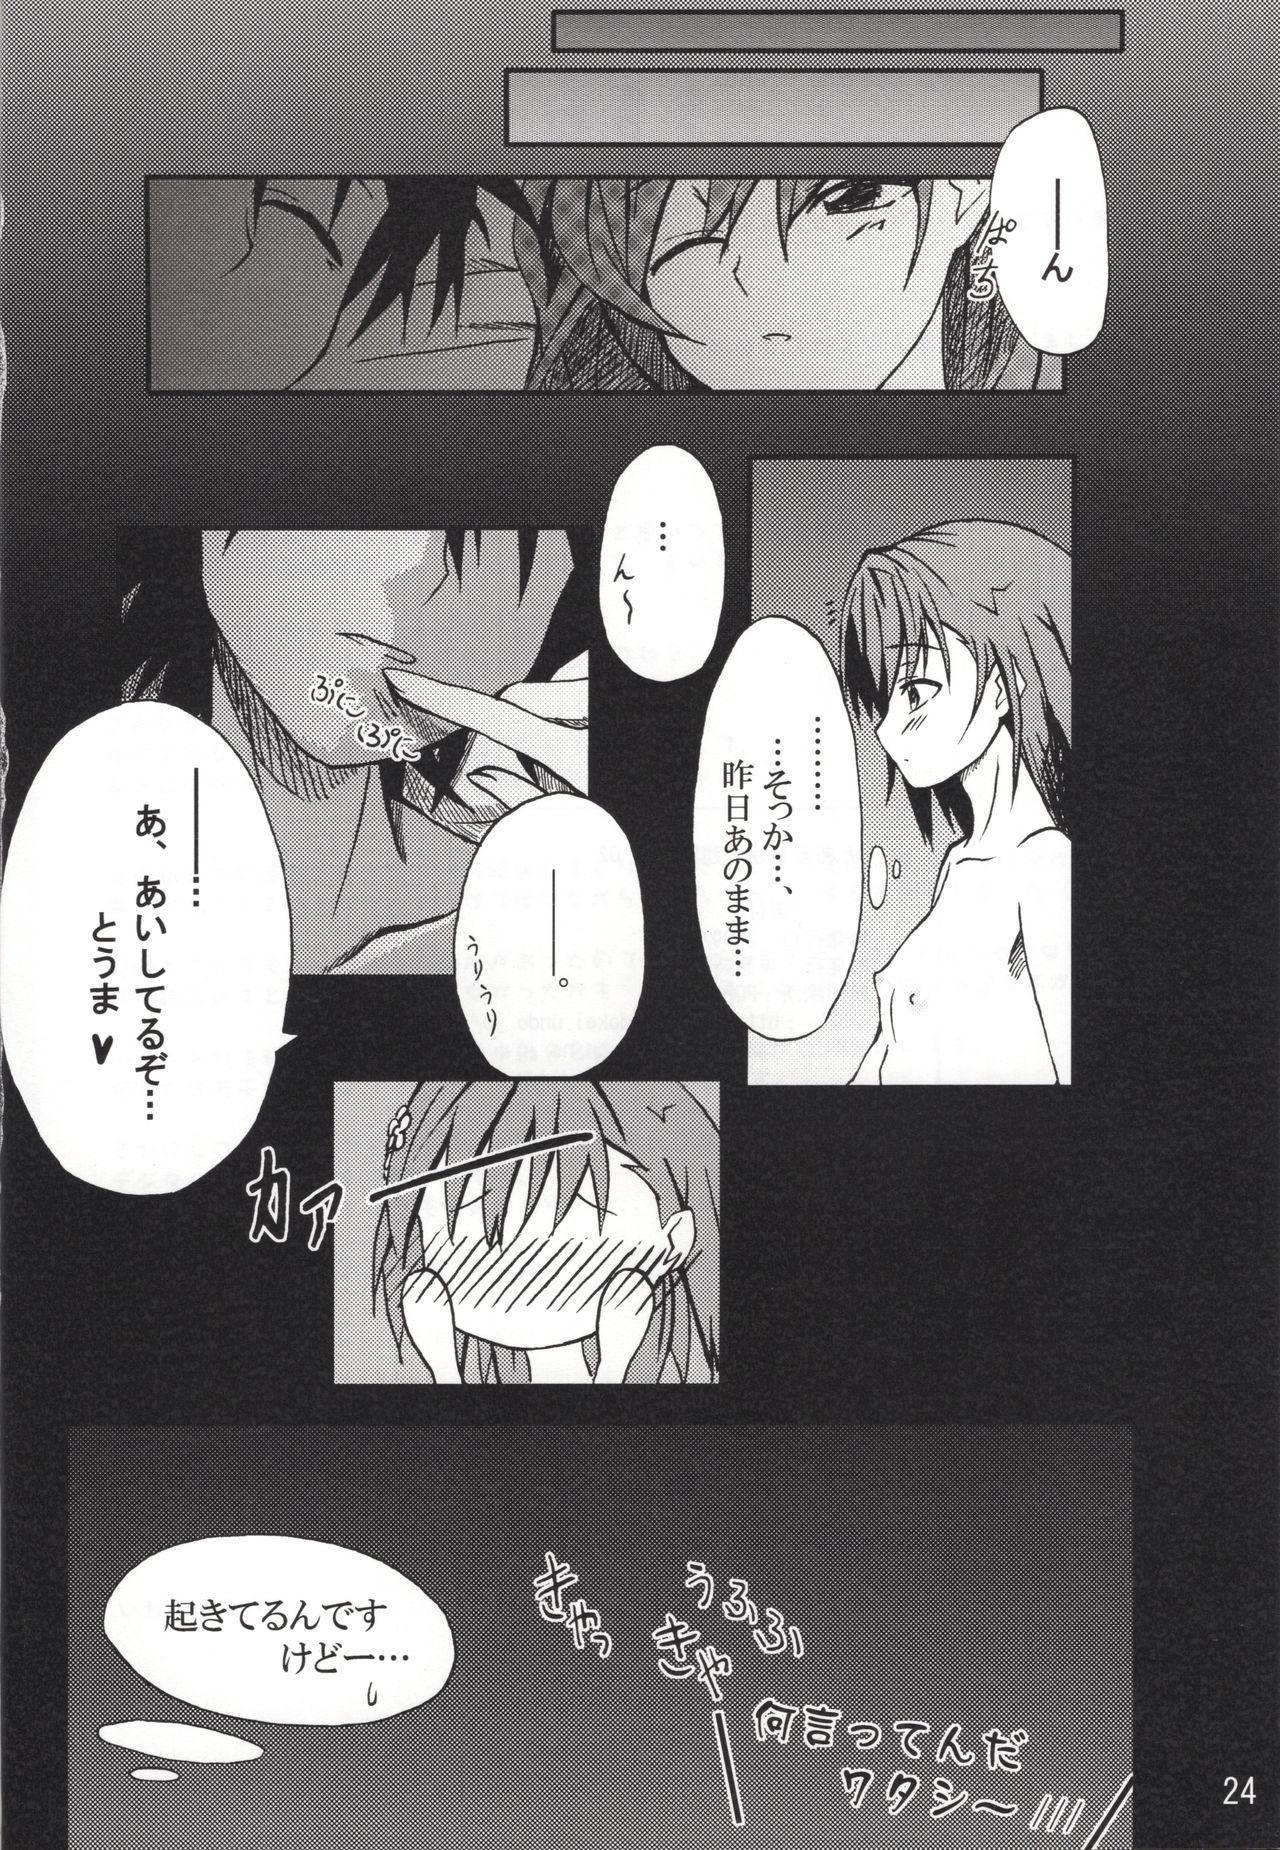 Toaru mousou no chou denji hon 02 22